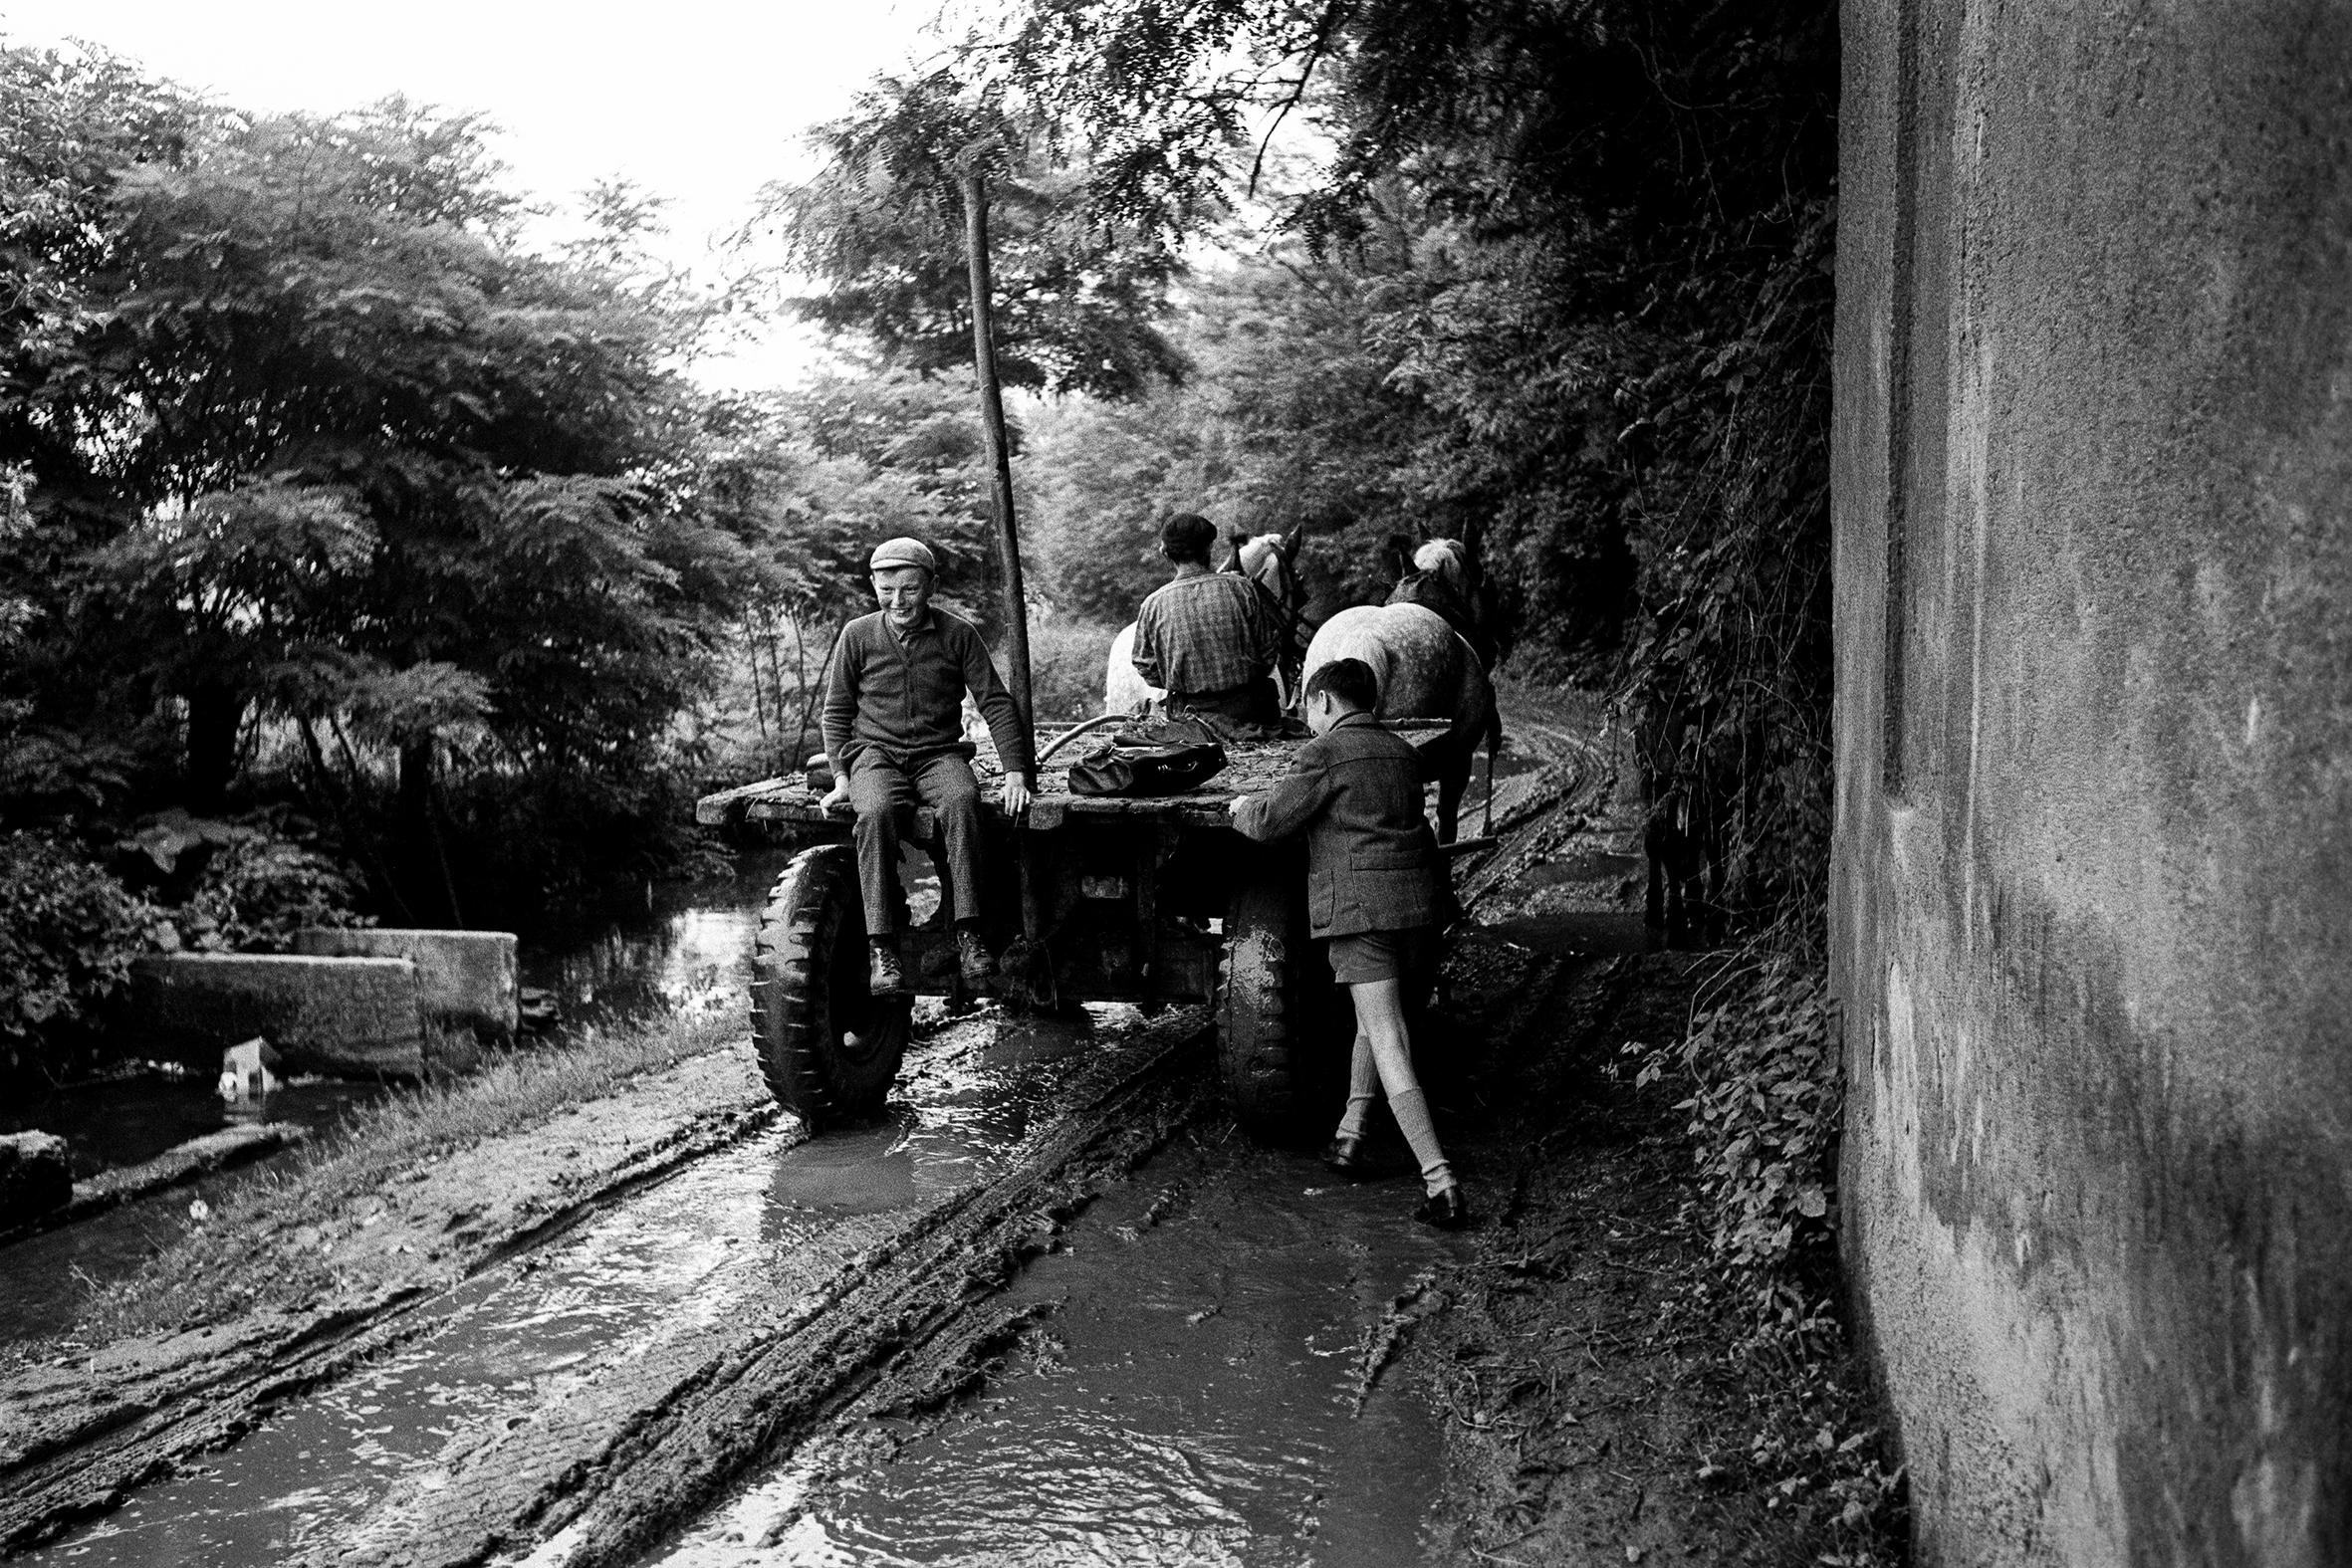 SCUOLA - 8 – Andando a scuola nella pianura emiliana, Reggio Emilia, 1964